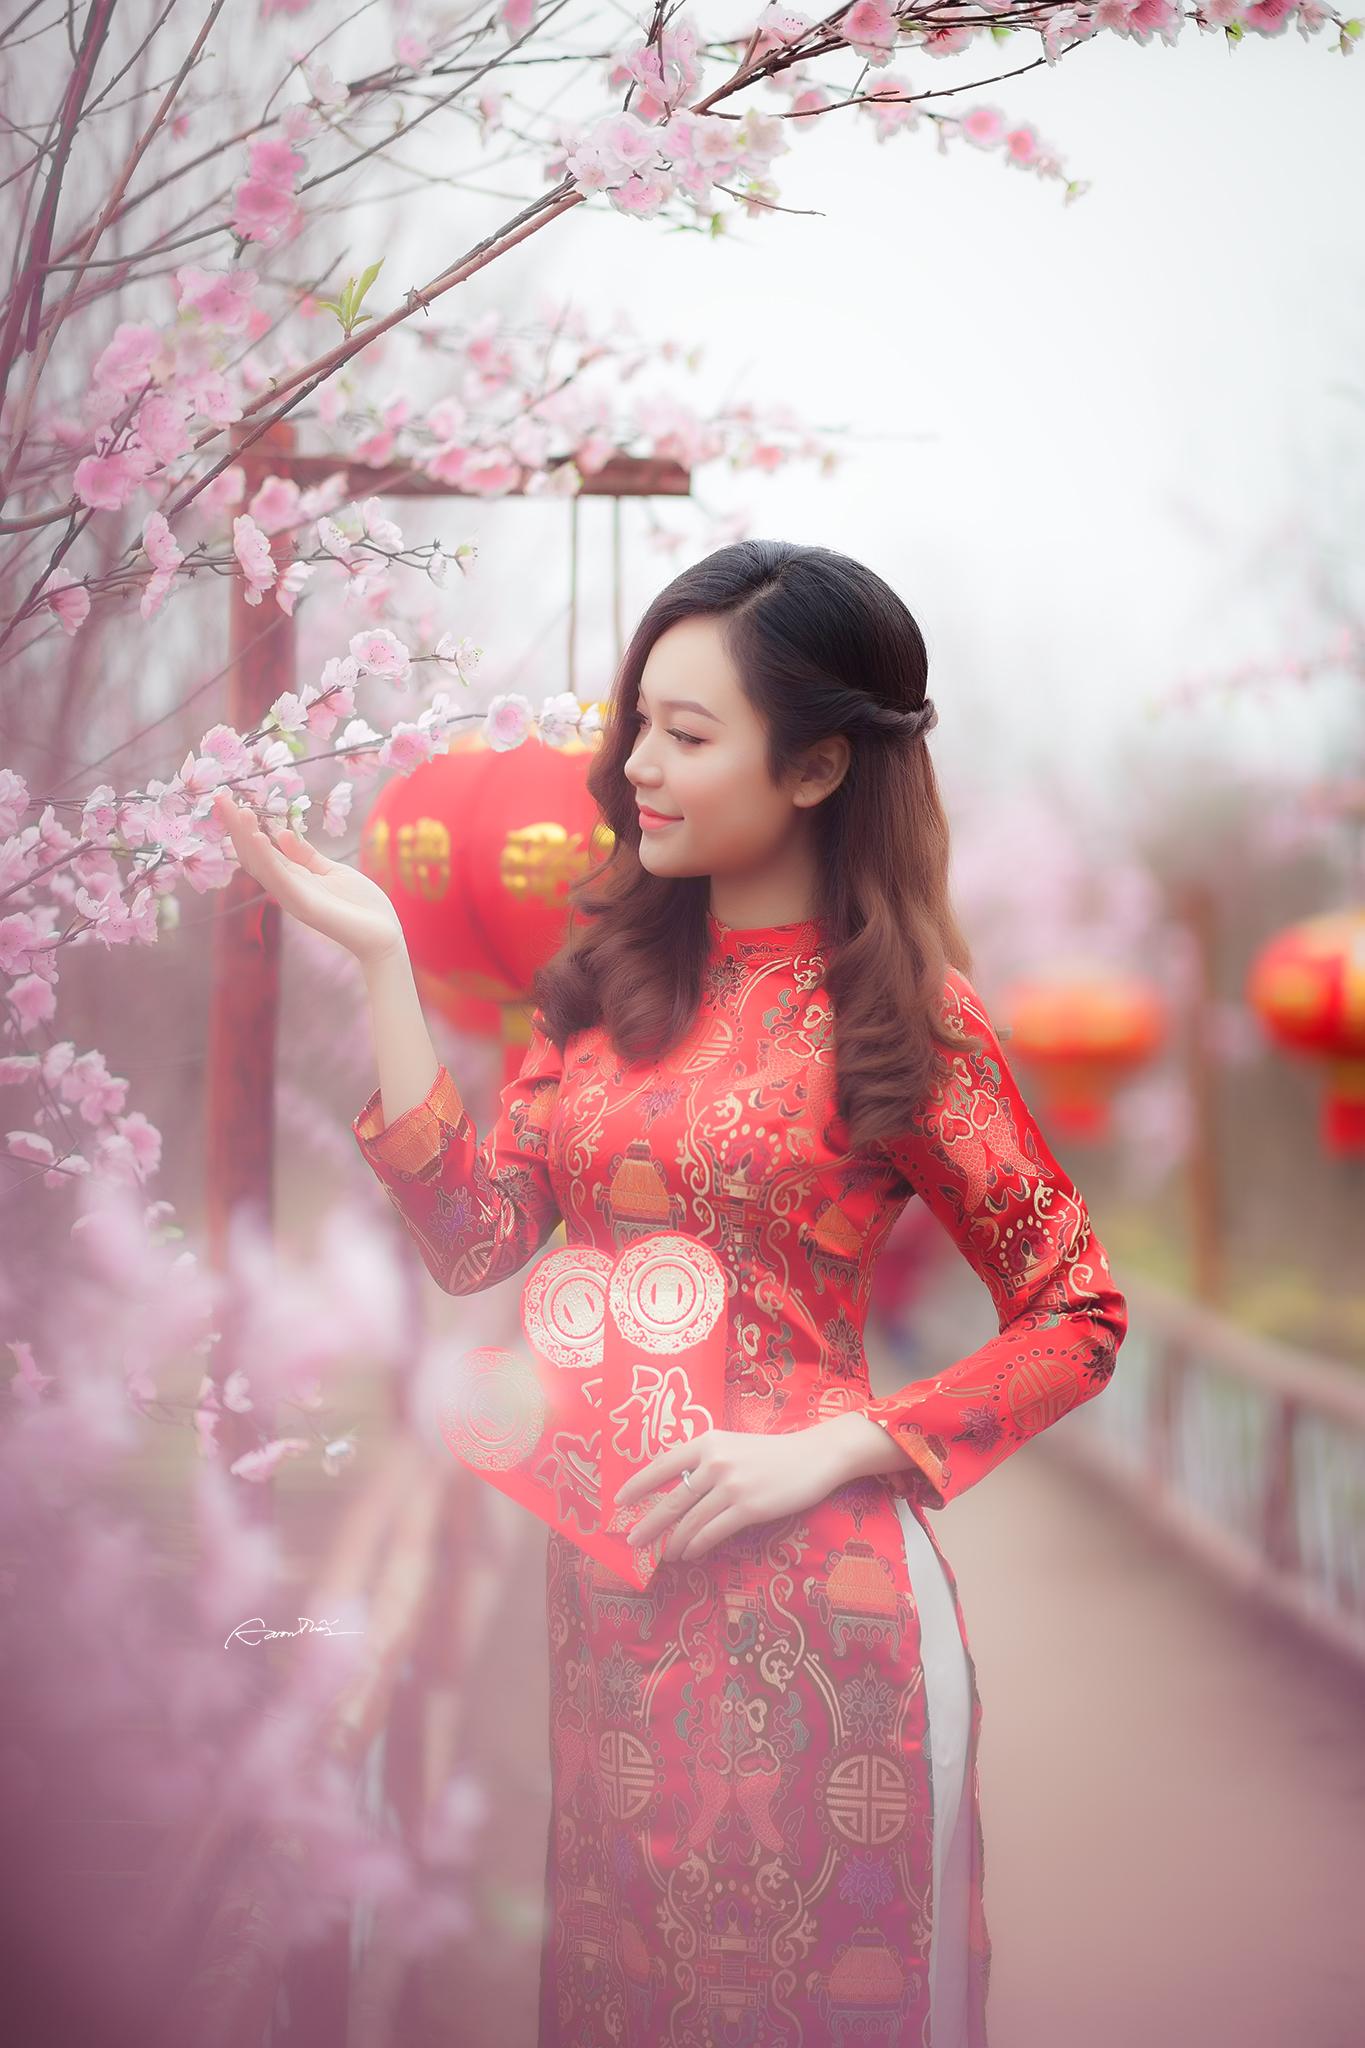 chinese woman-807840